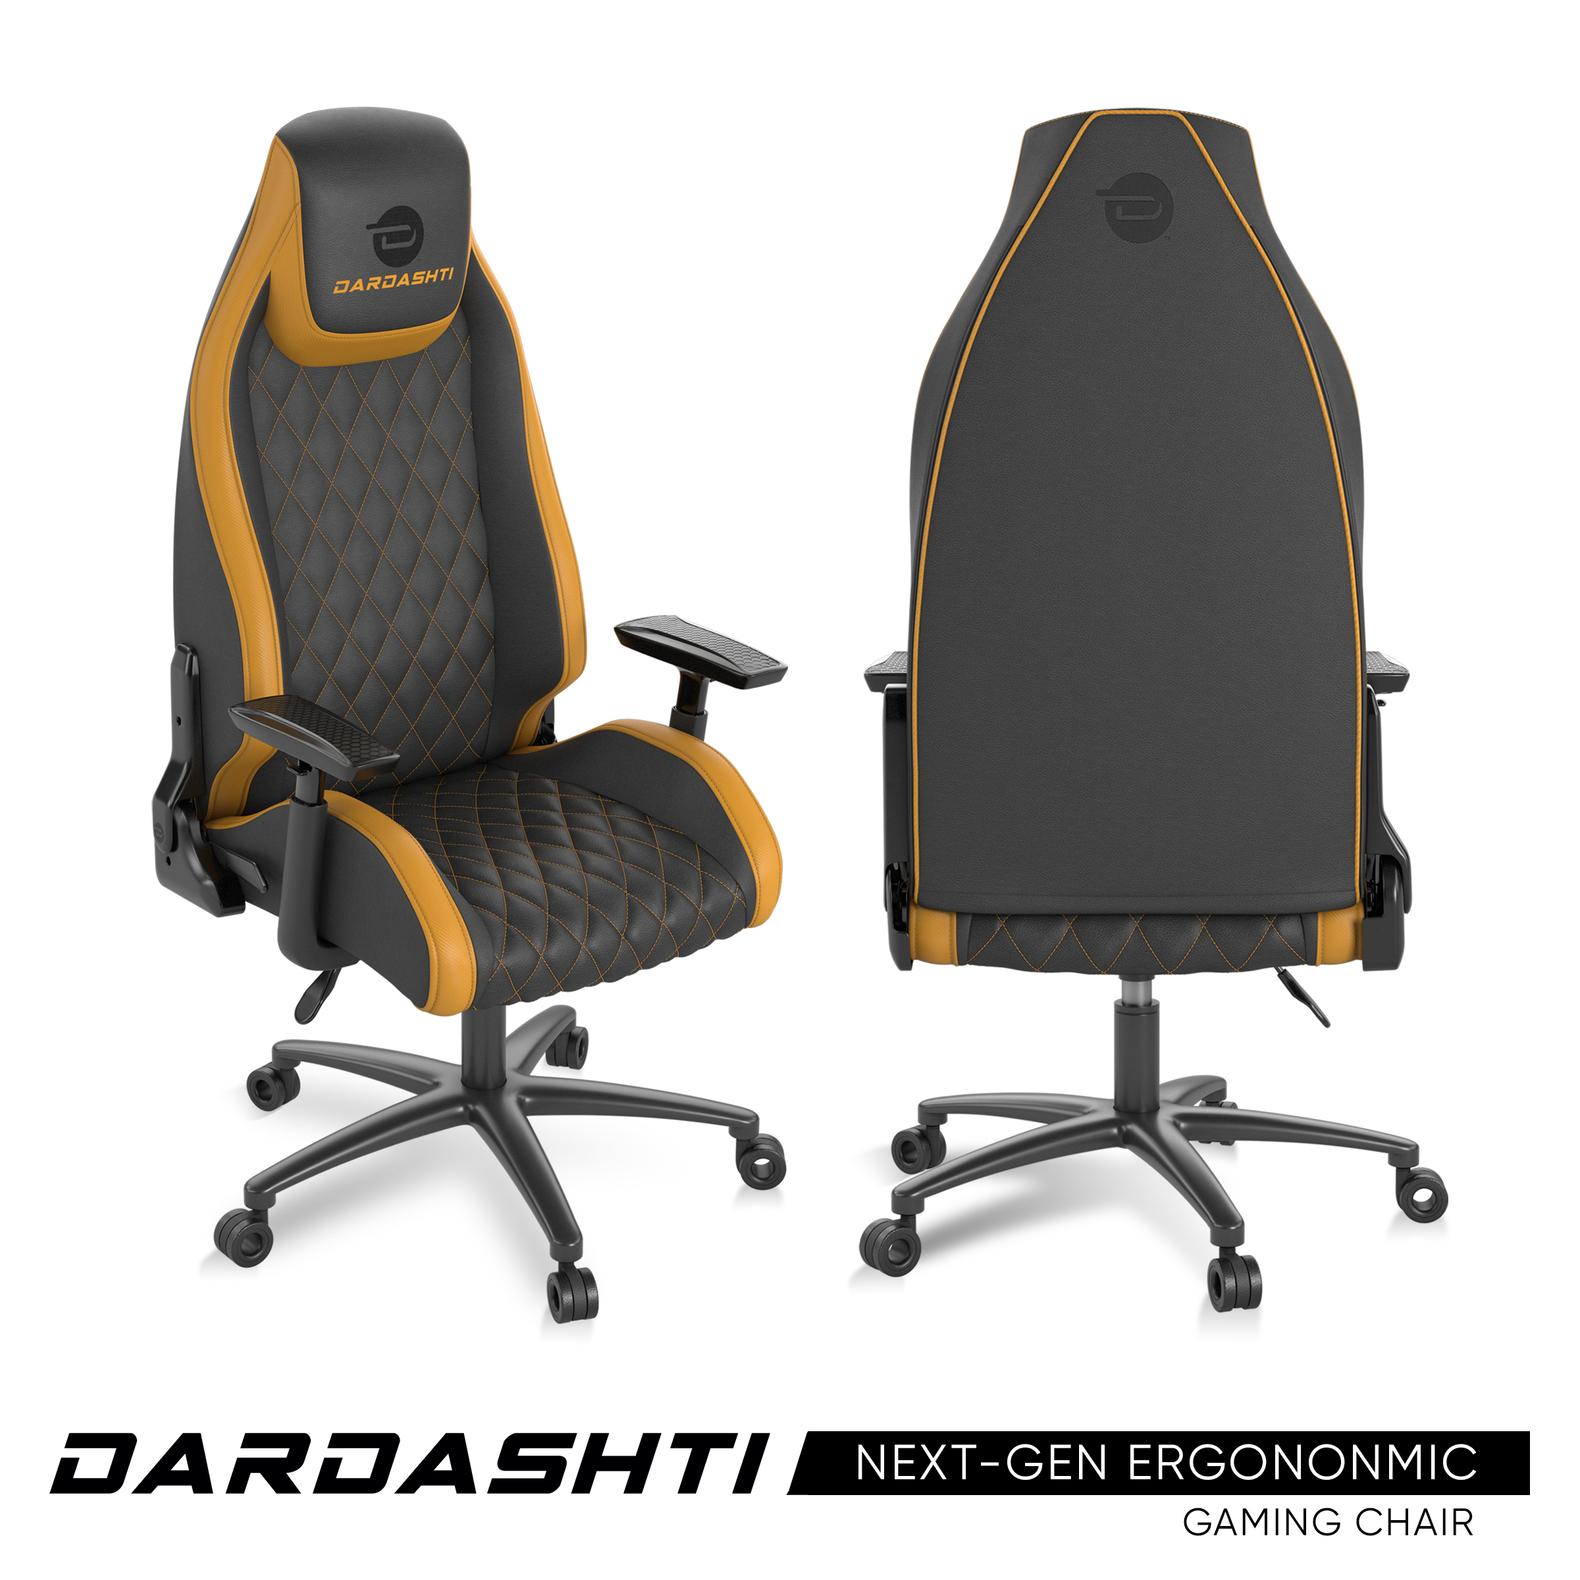 dardashti-chair-yellow